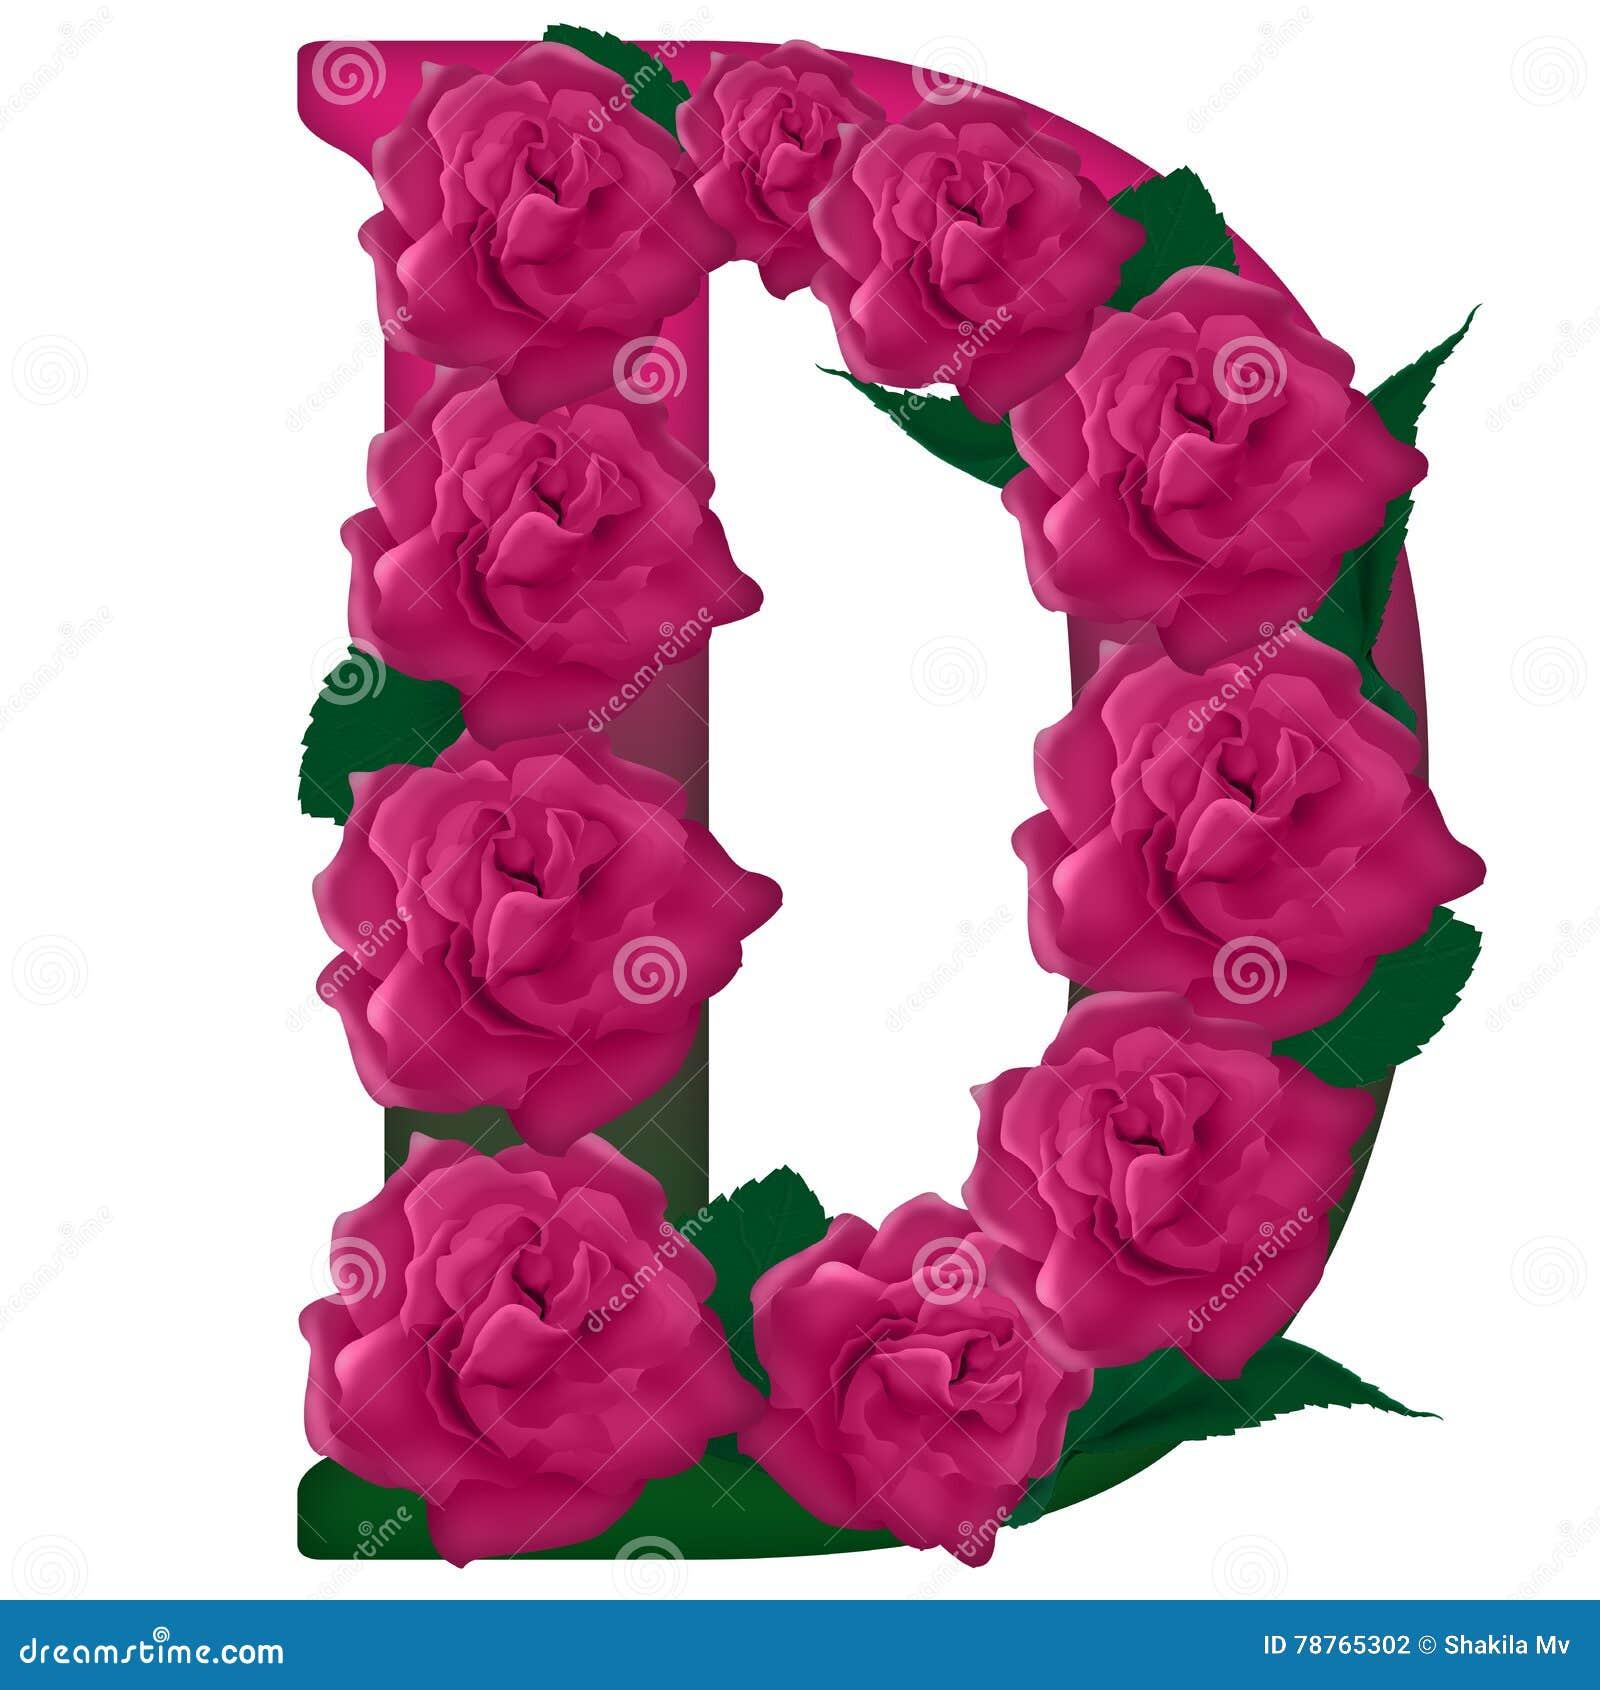 Letter D Flower Illustration Stock Photo - Illustration of classical ...